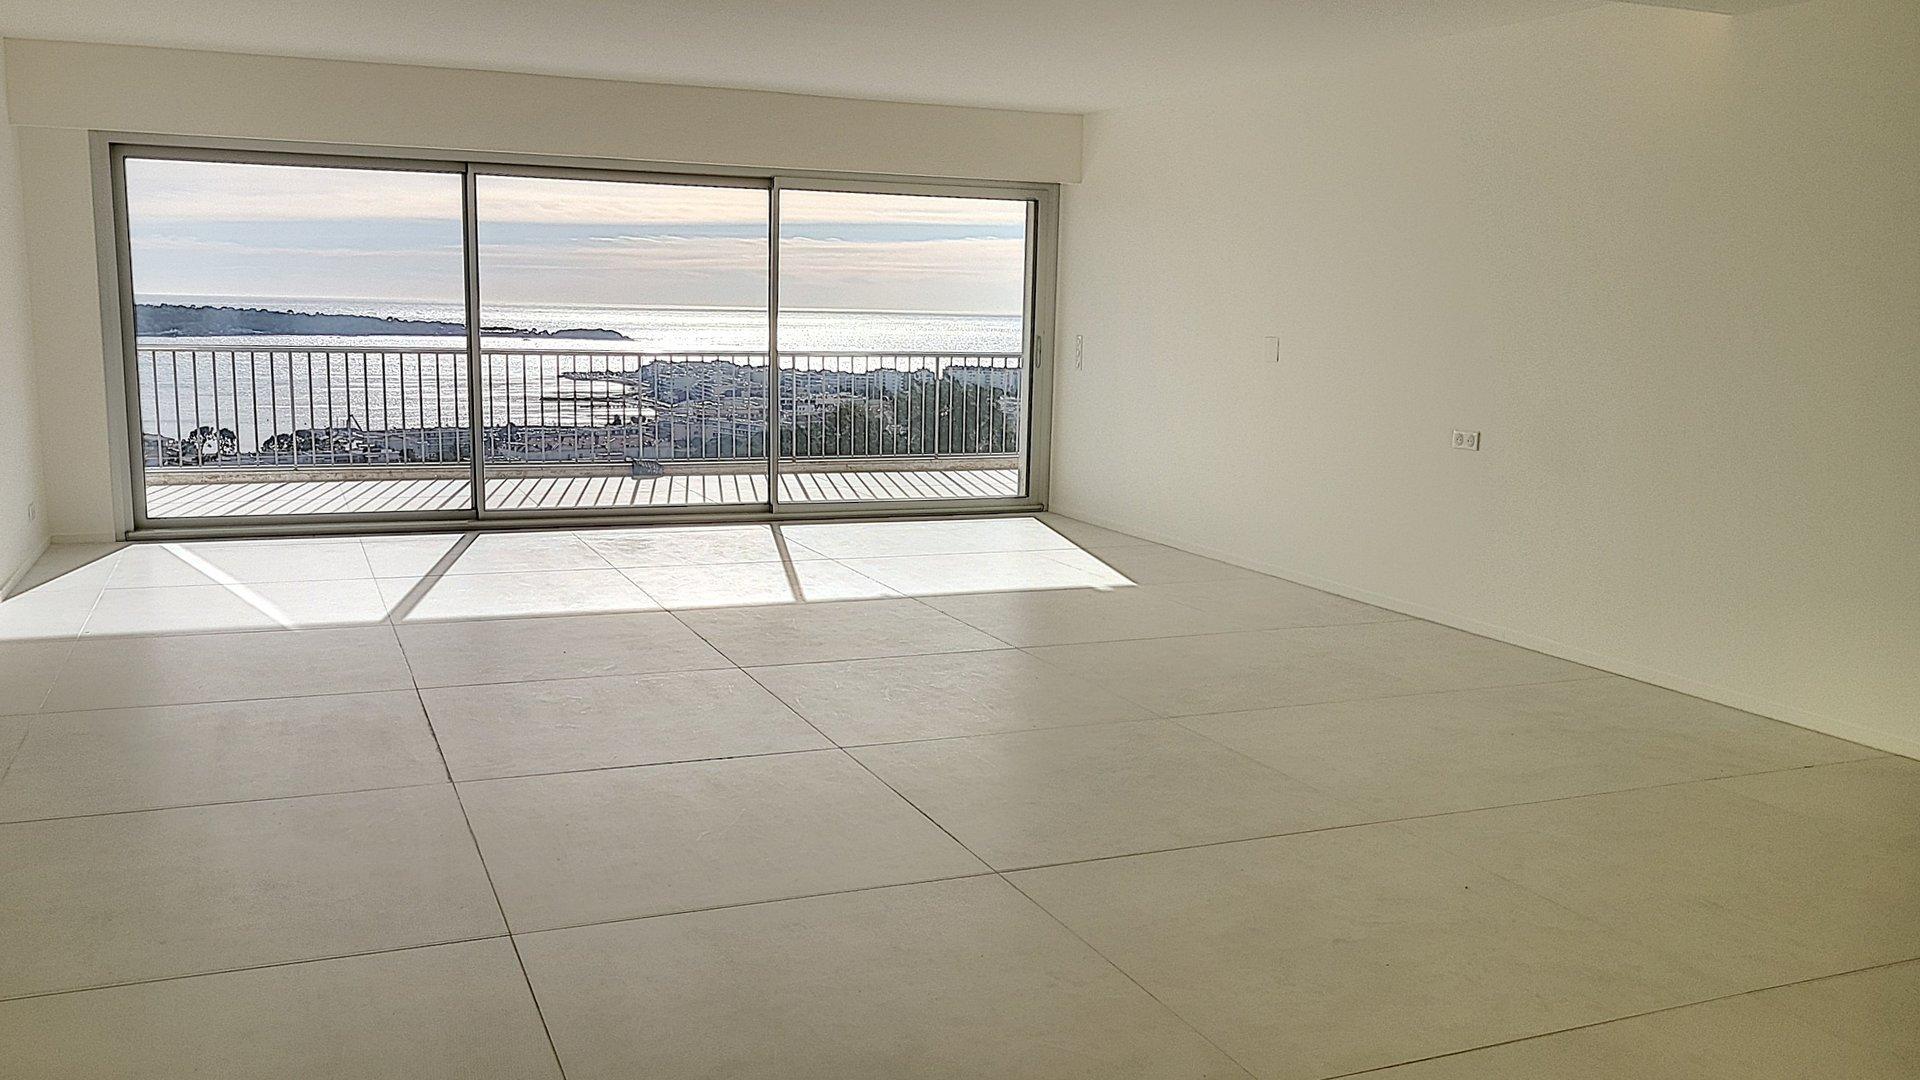 Cannes Californie Vue mer appartement 4 pièces 158m², dernier étage, Terrasse, sud, piscine, garage